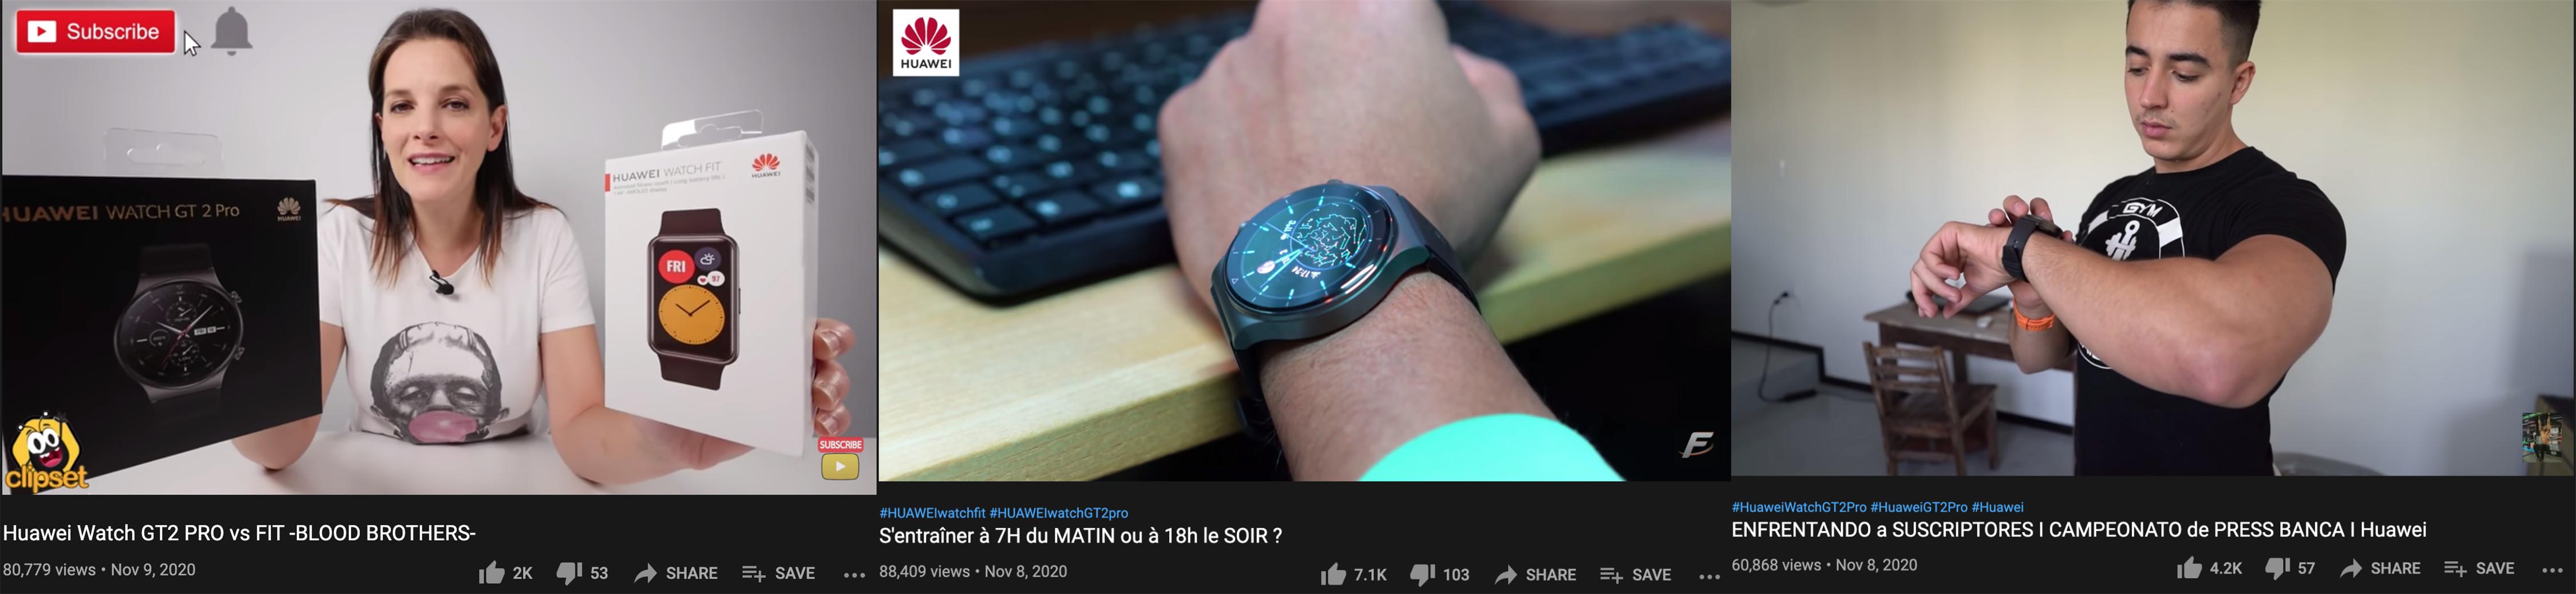 智能手表如何找YouTube红人推广?来看看Hotlist的经典案例!